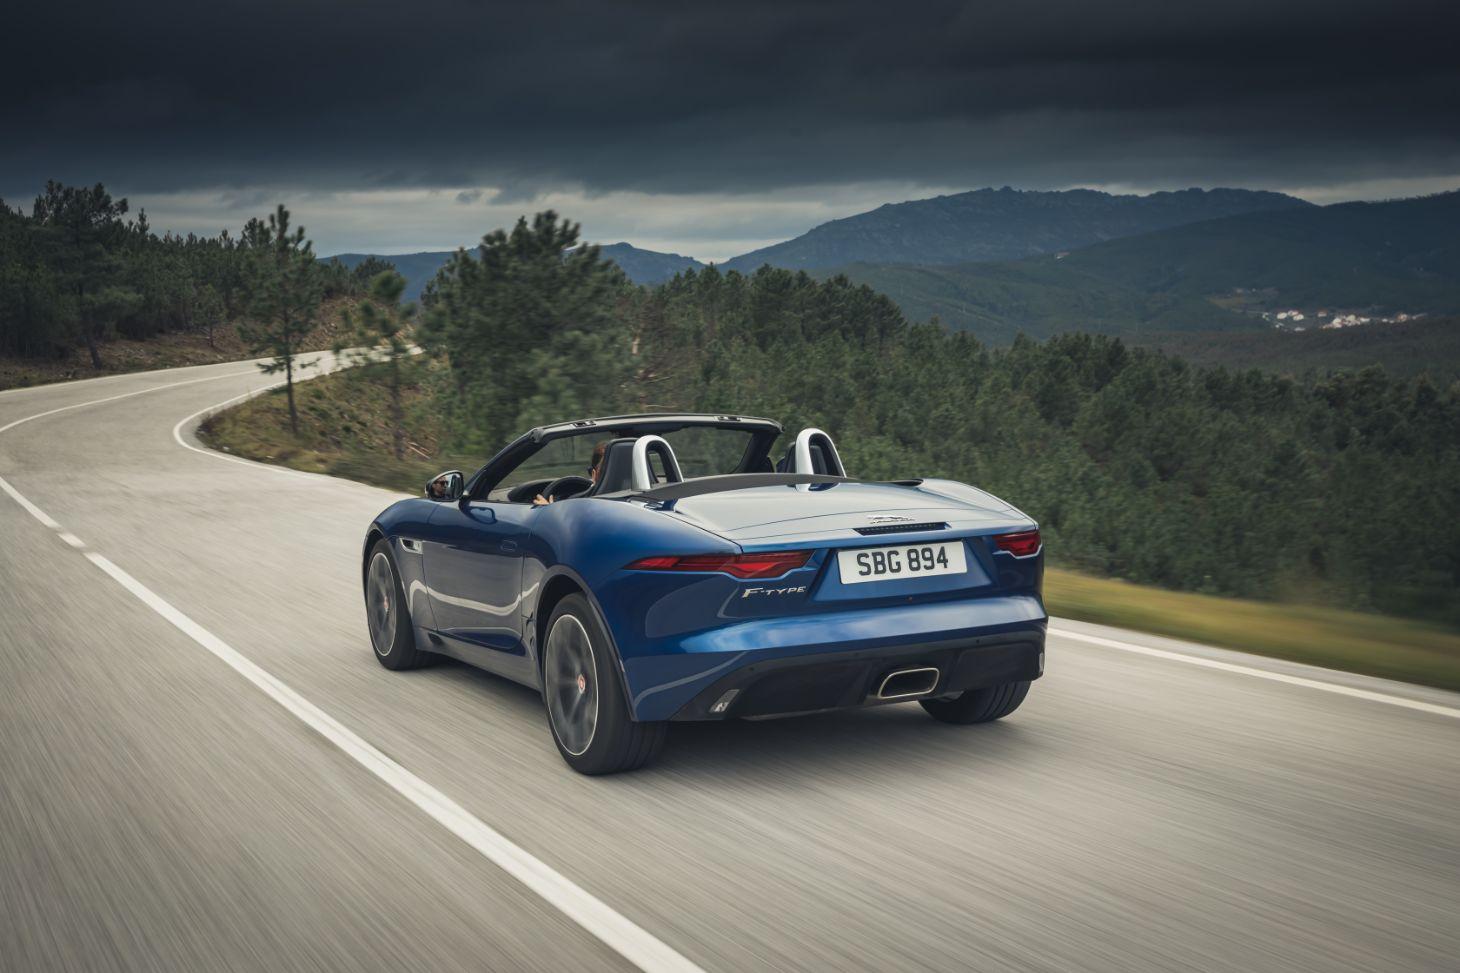 novo jaguar f type p300 conversivel azul visto de traz rodando em estrada